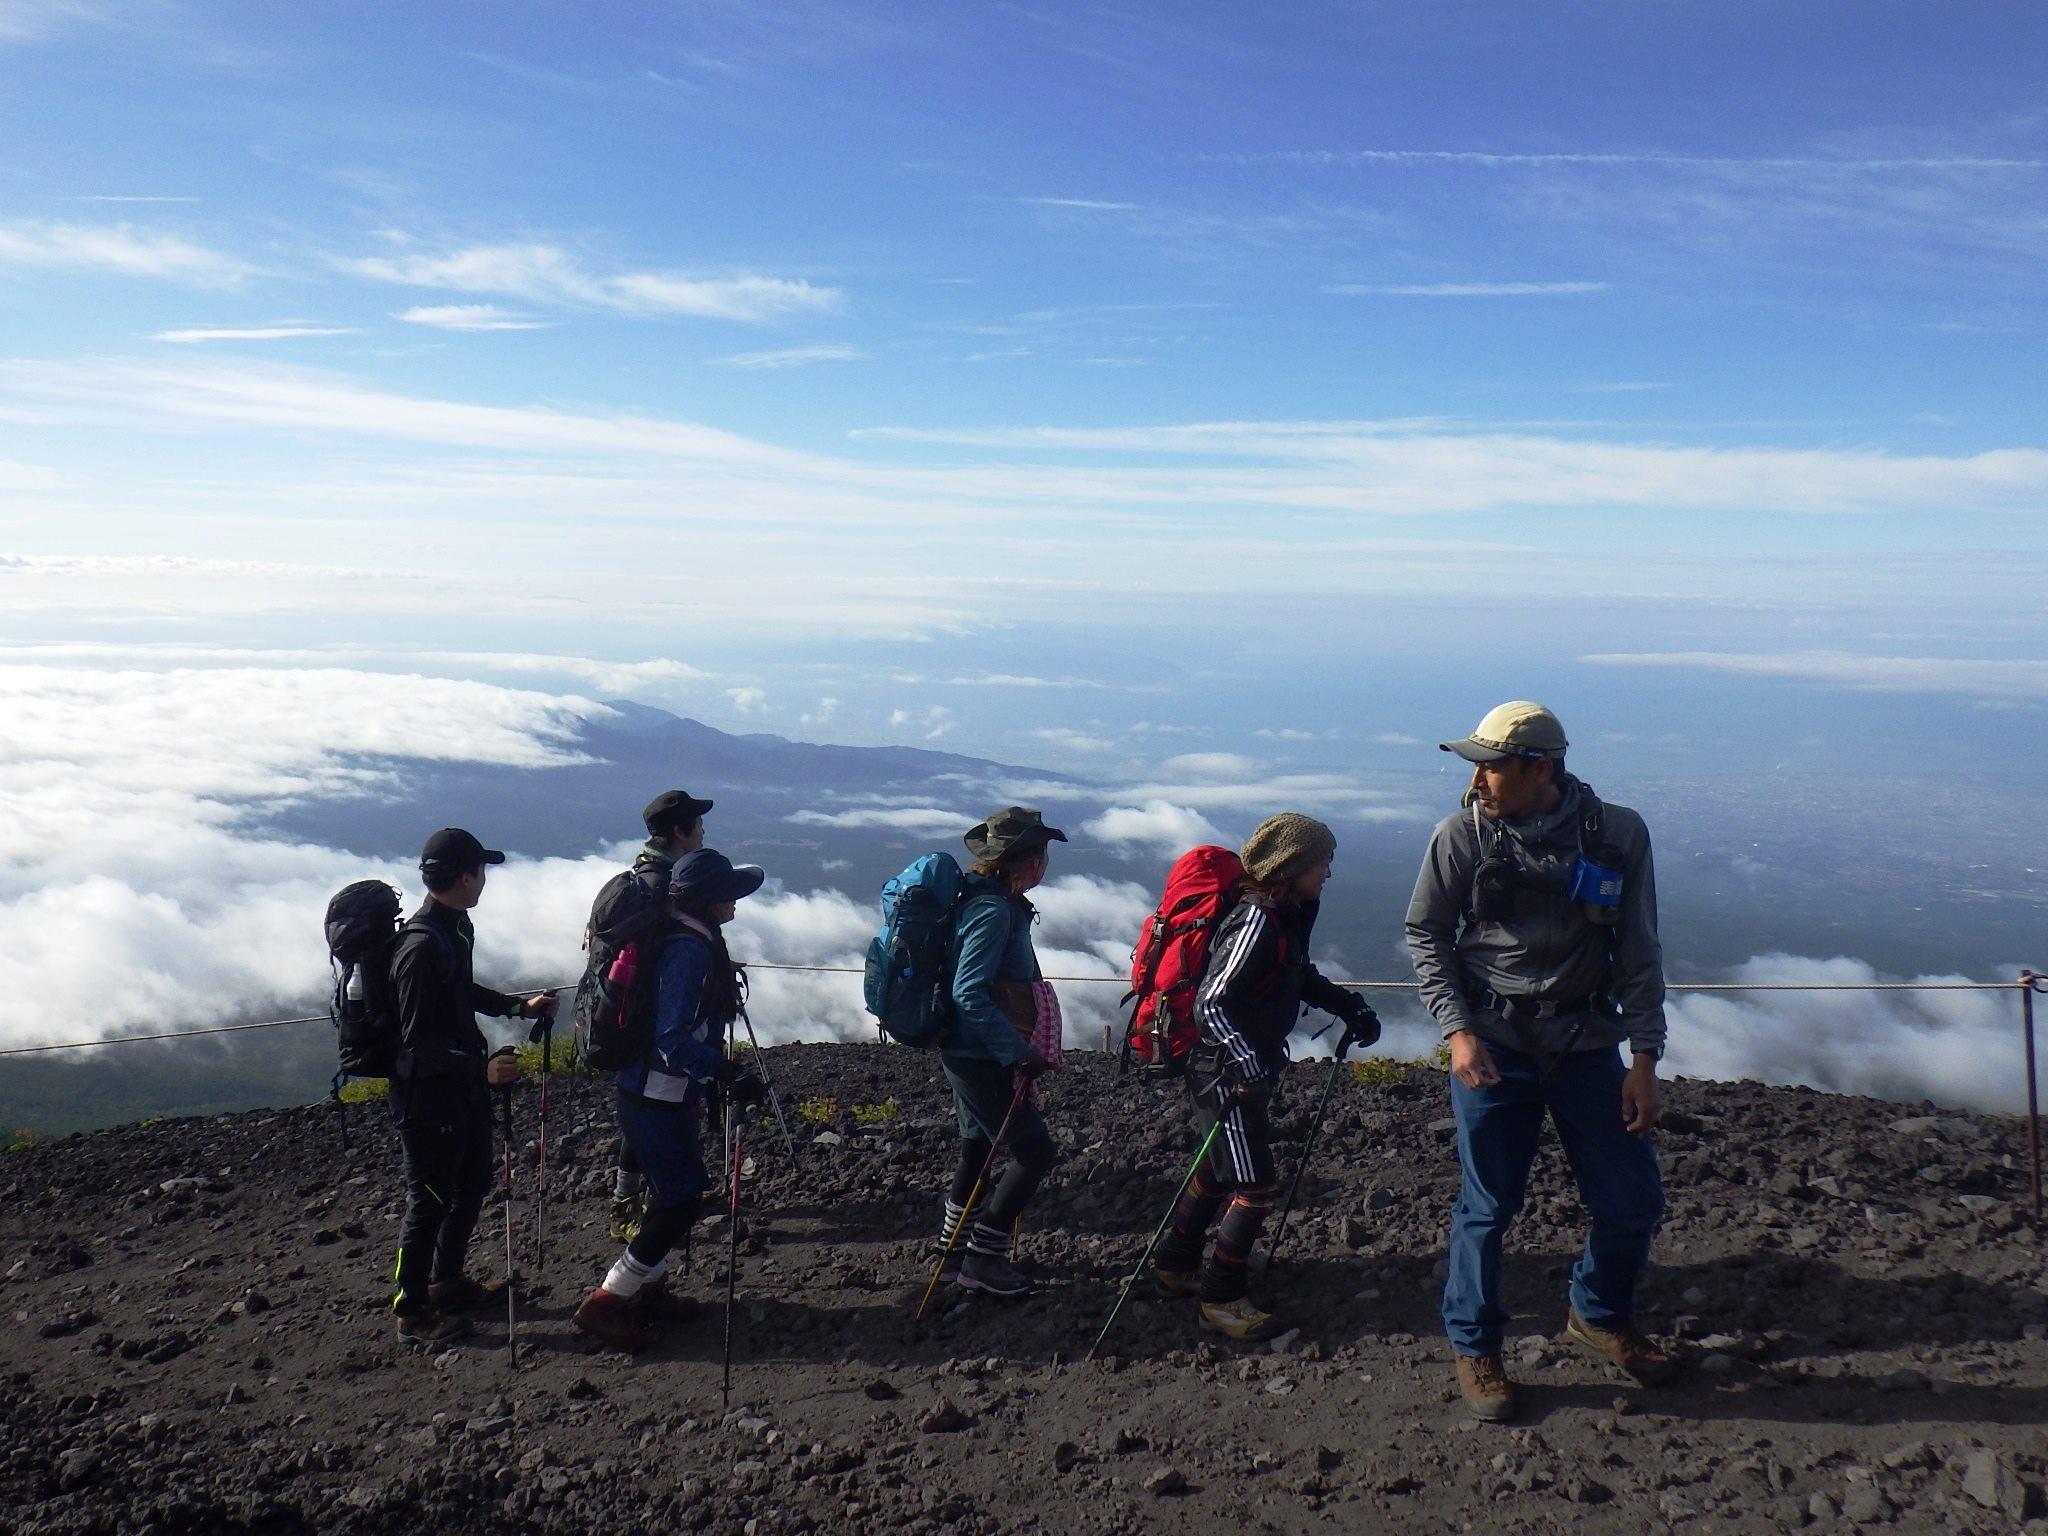 経験豊富なガイド 今年こそ 富士登山